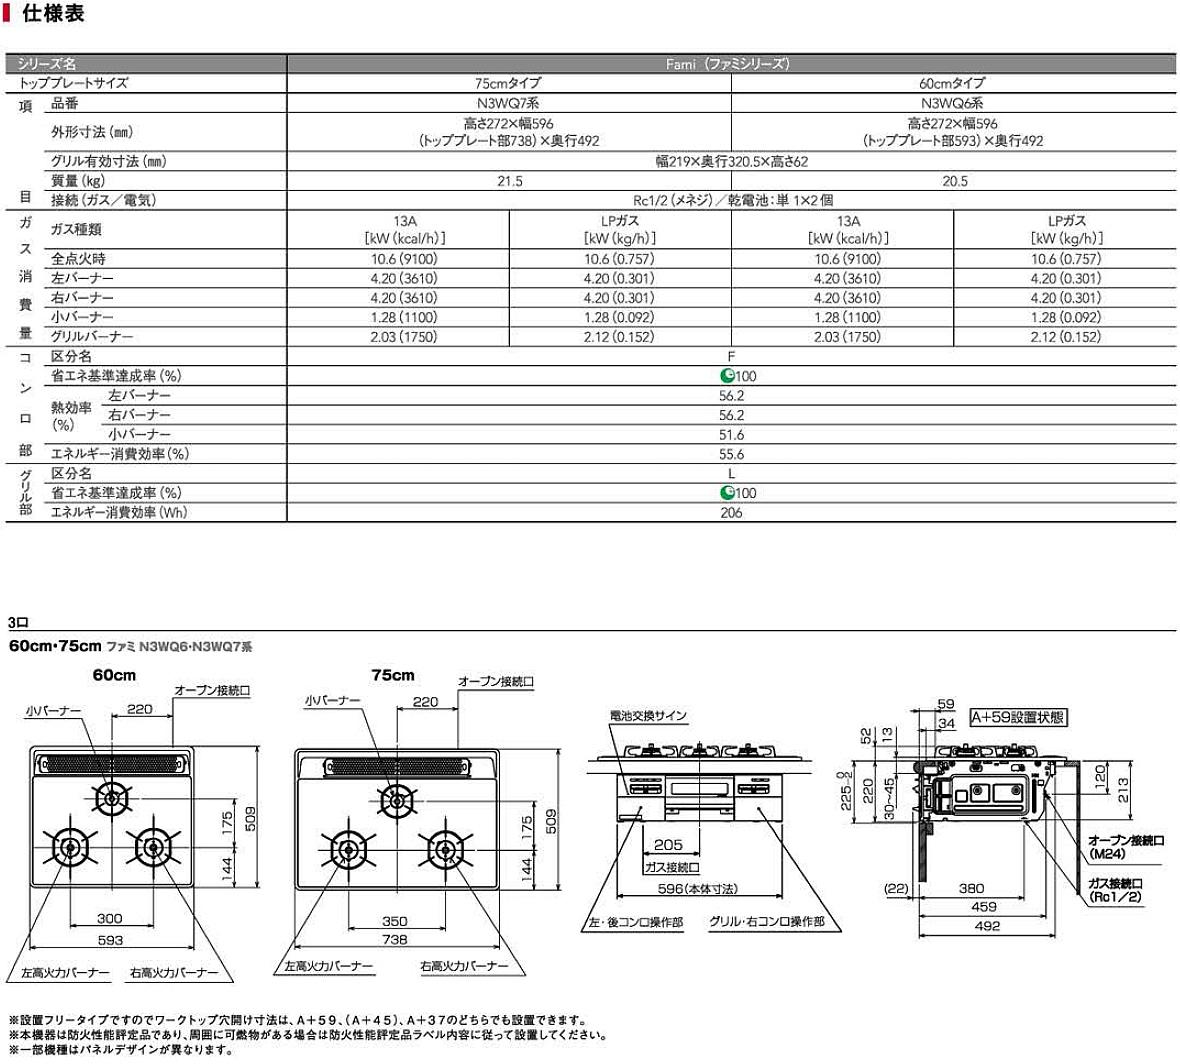 【N3WQ6RWTSSI】NORITZ[ノーリツ]・HARMAN[ハーマン]ガスビルトインコンロ60cmタイプfami[ファミ]スタンダードタイプガスコンロ[新品]【RCP】